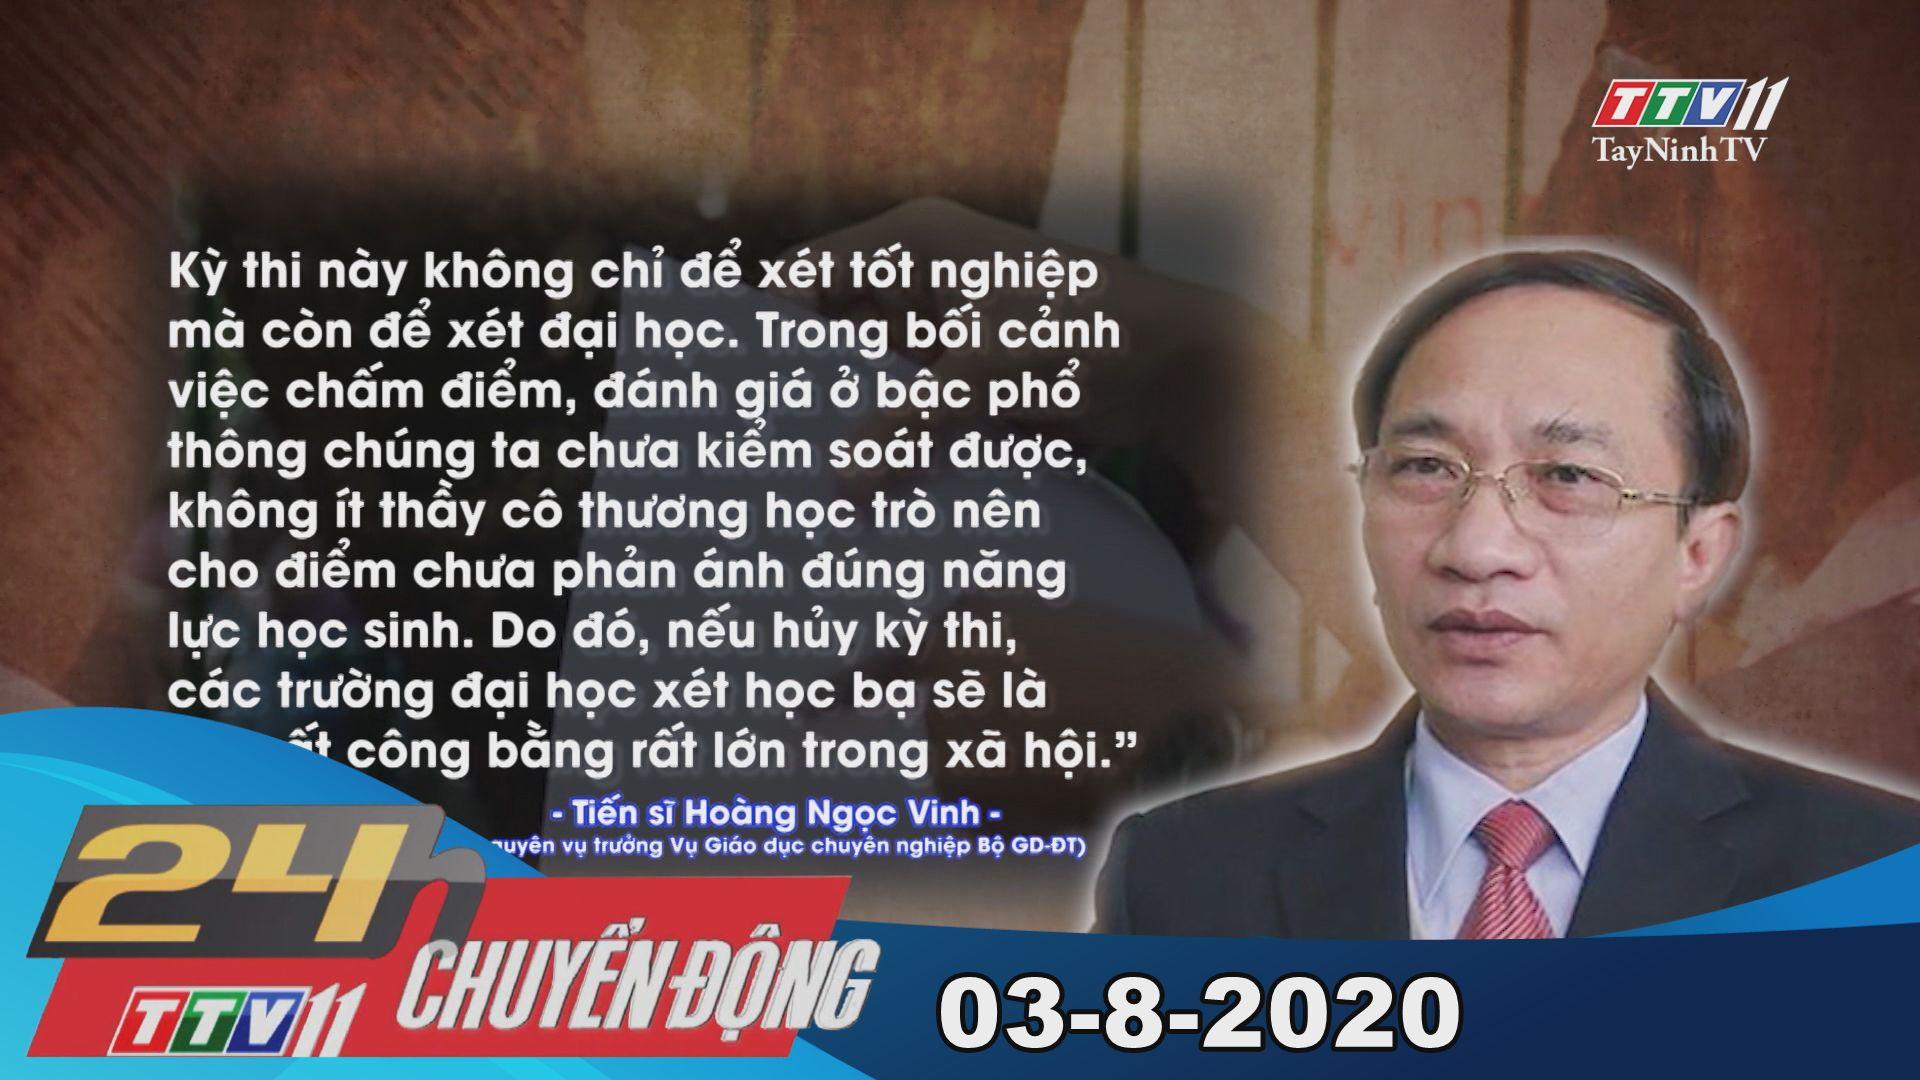 24h Chuyển động 03-8-2020 | Tin tức hôm nay | TayNinhTV